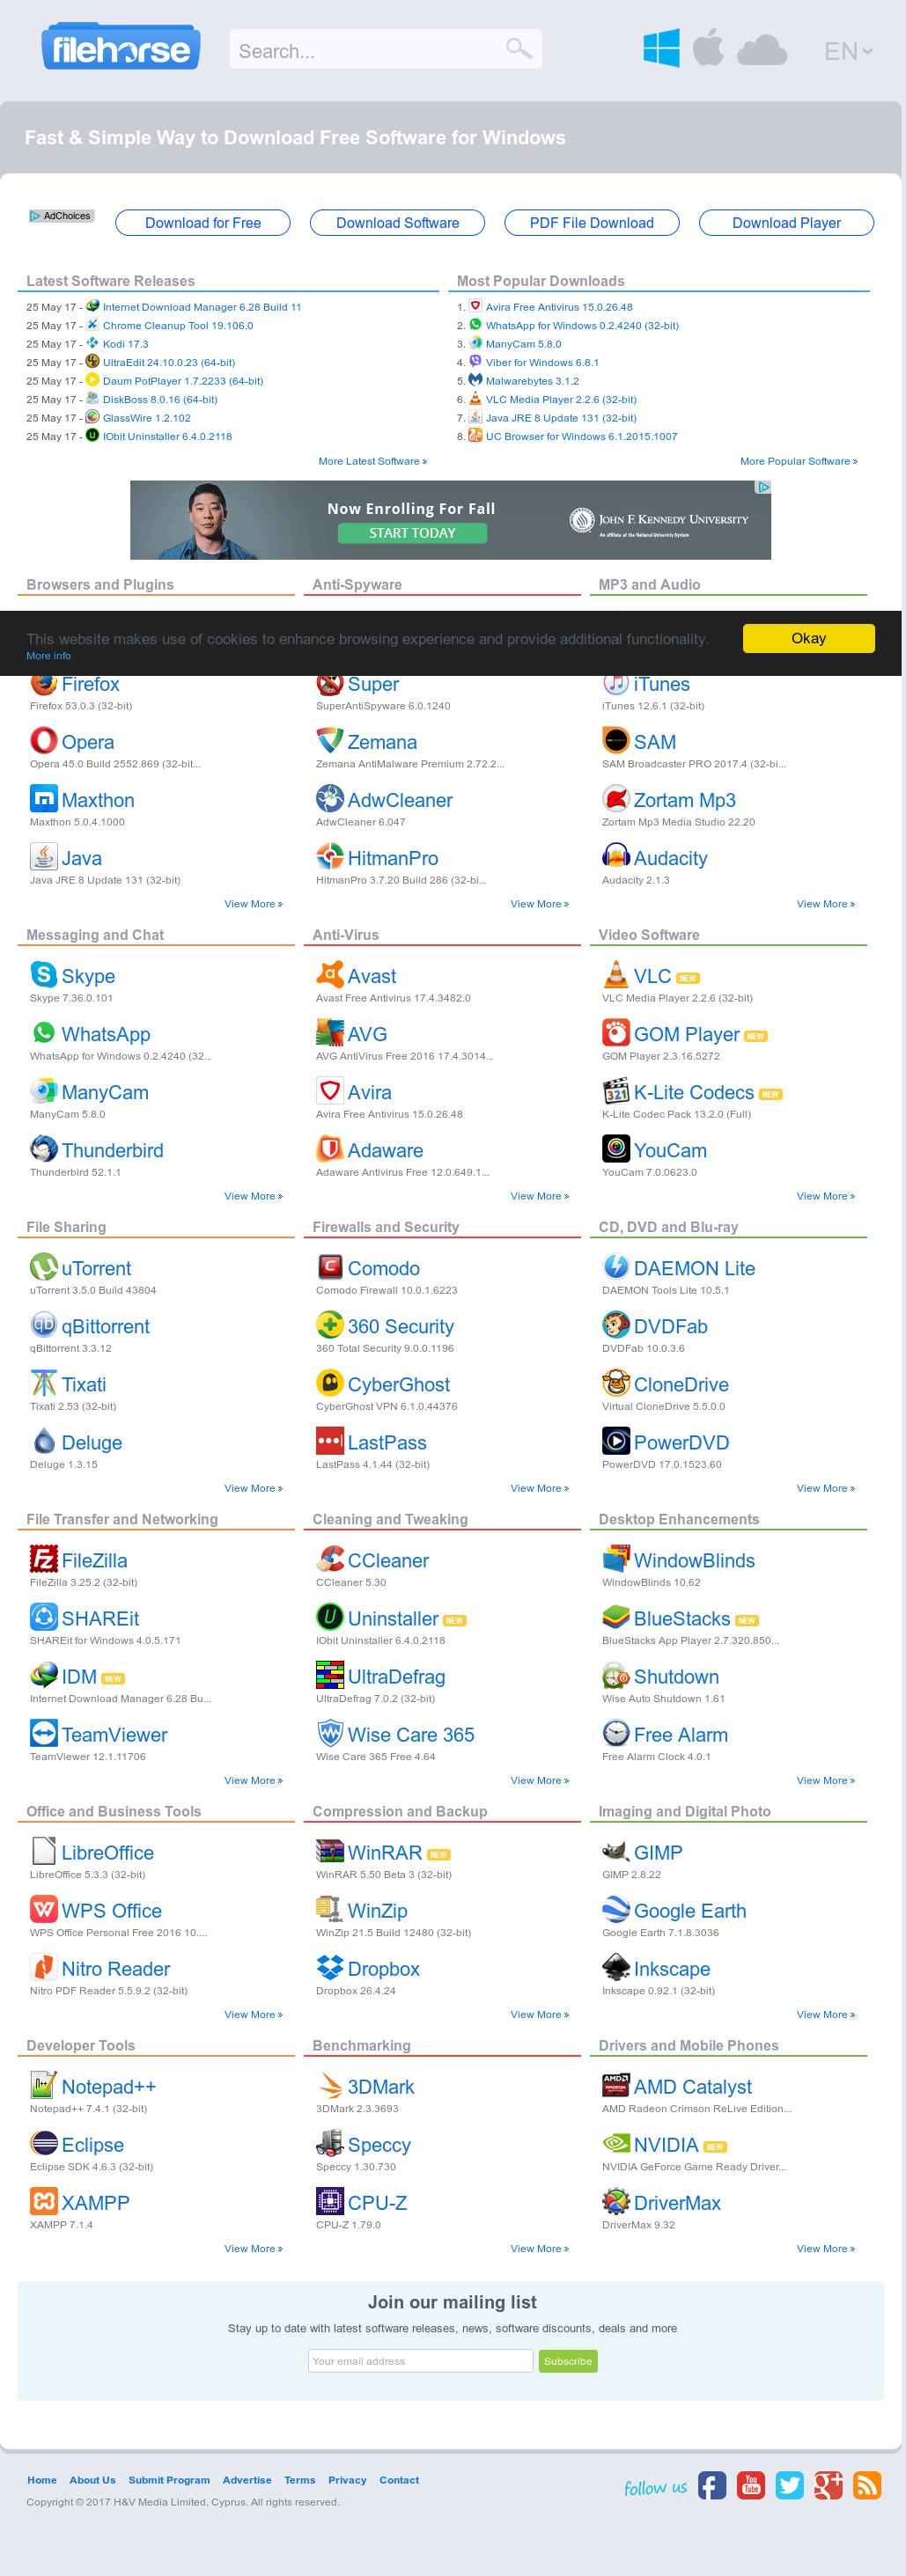 Java 8 Update 131 Download